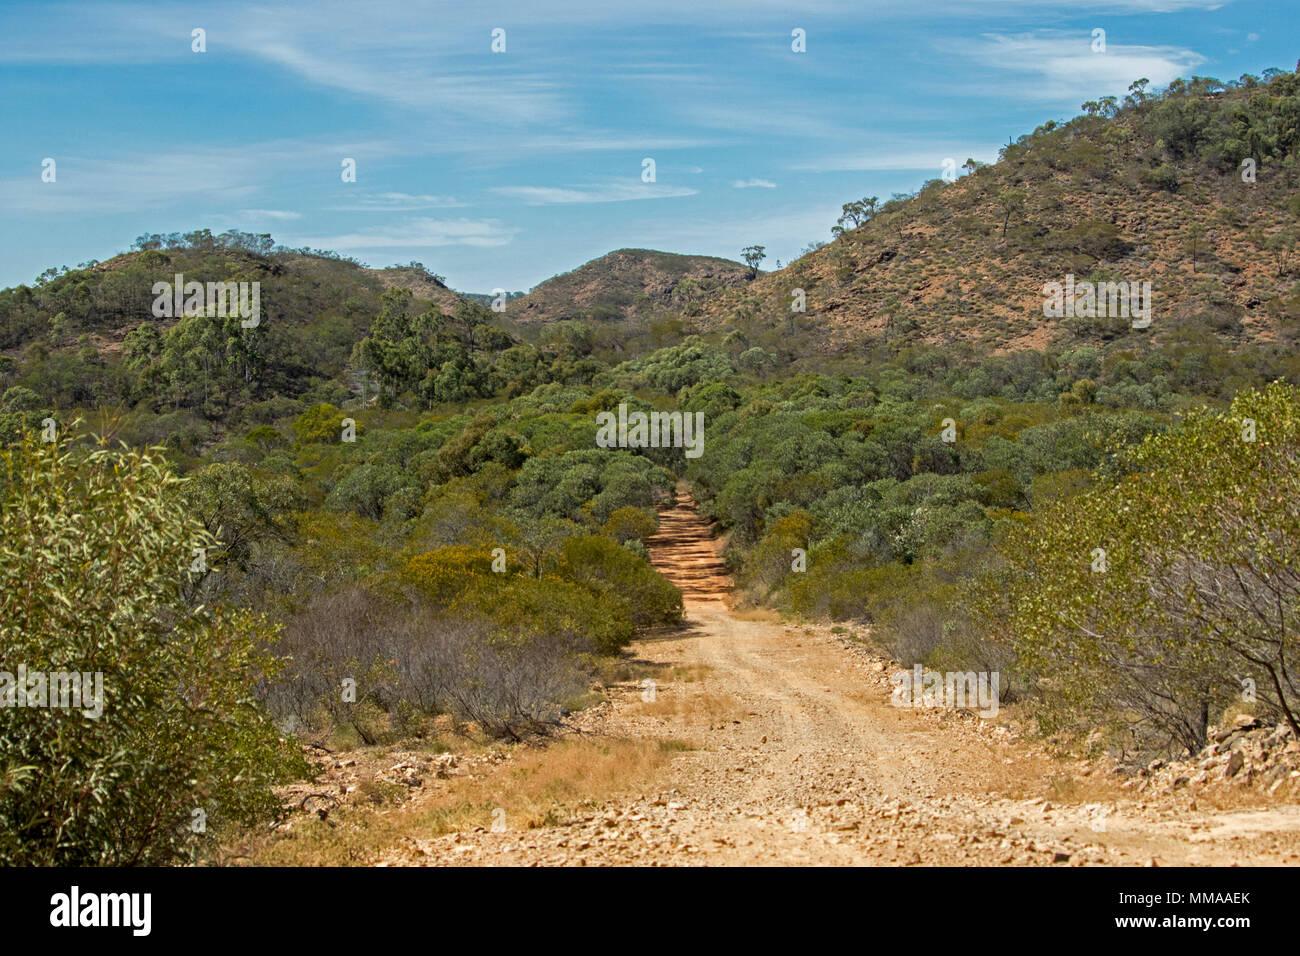 Paesaggio con boschi di alberi di eucalipto separata dalla stretta strada sterrata in Minerva Hills National Park, vicino Springsure, Queensland Australia Immagini Stock